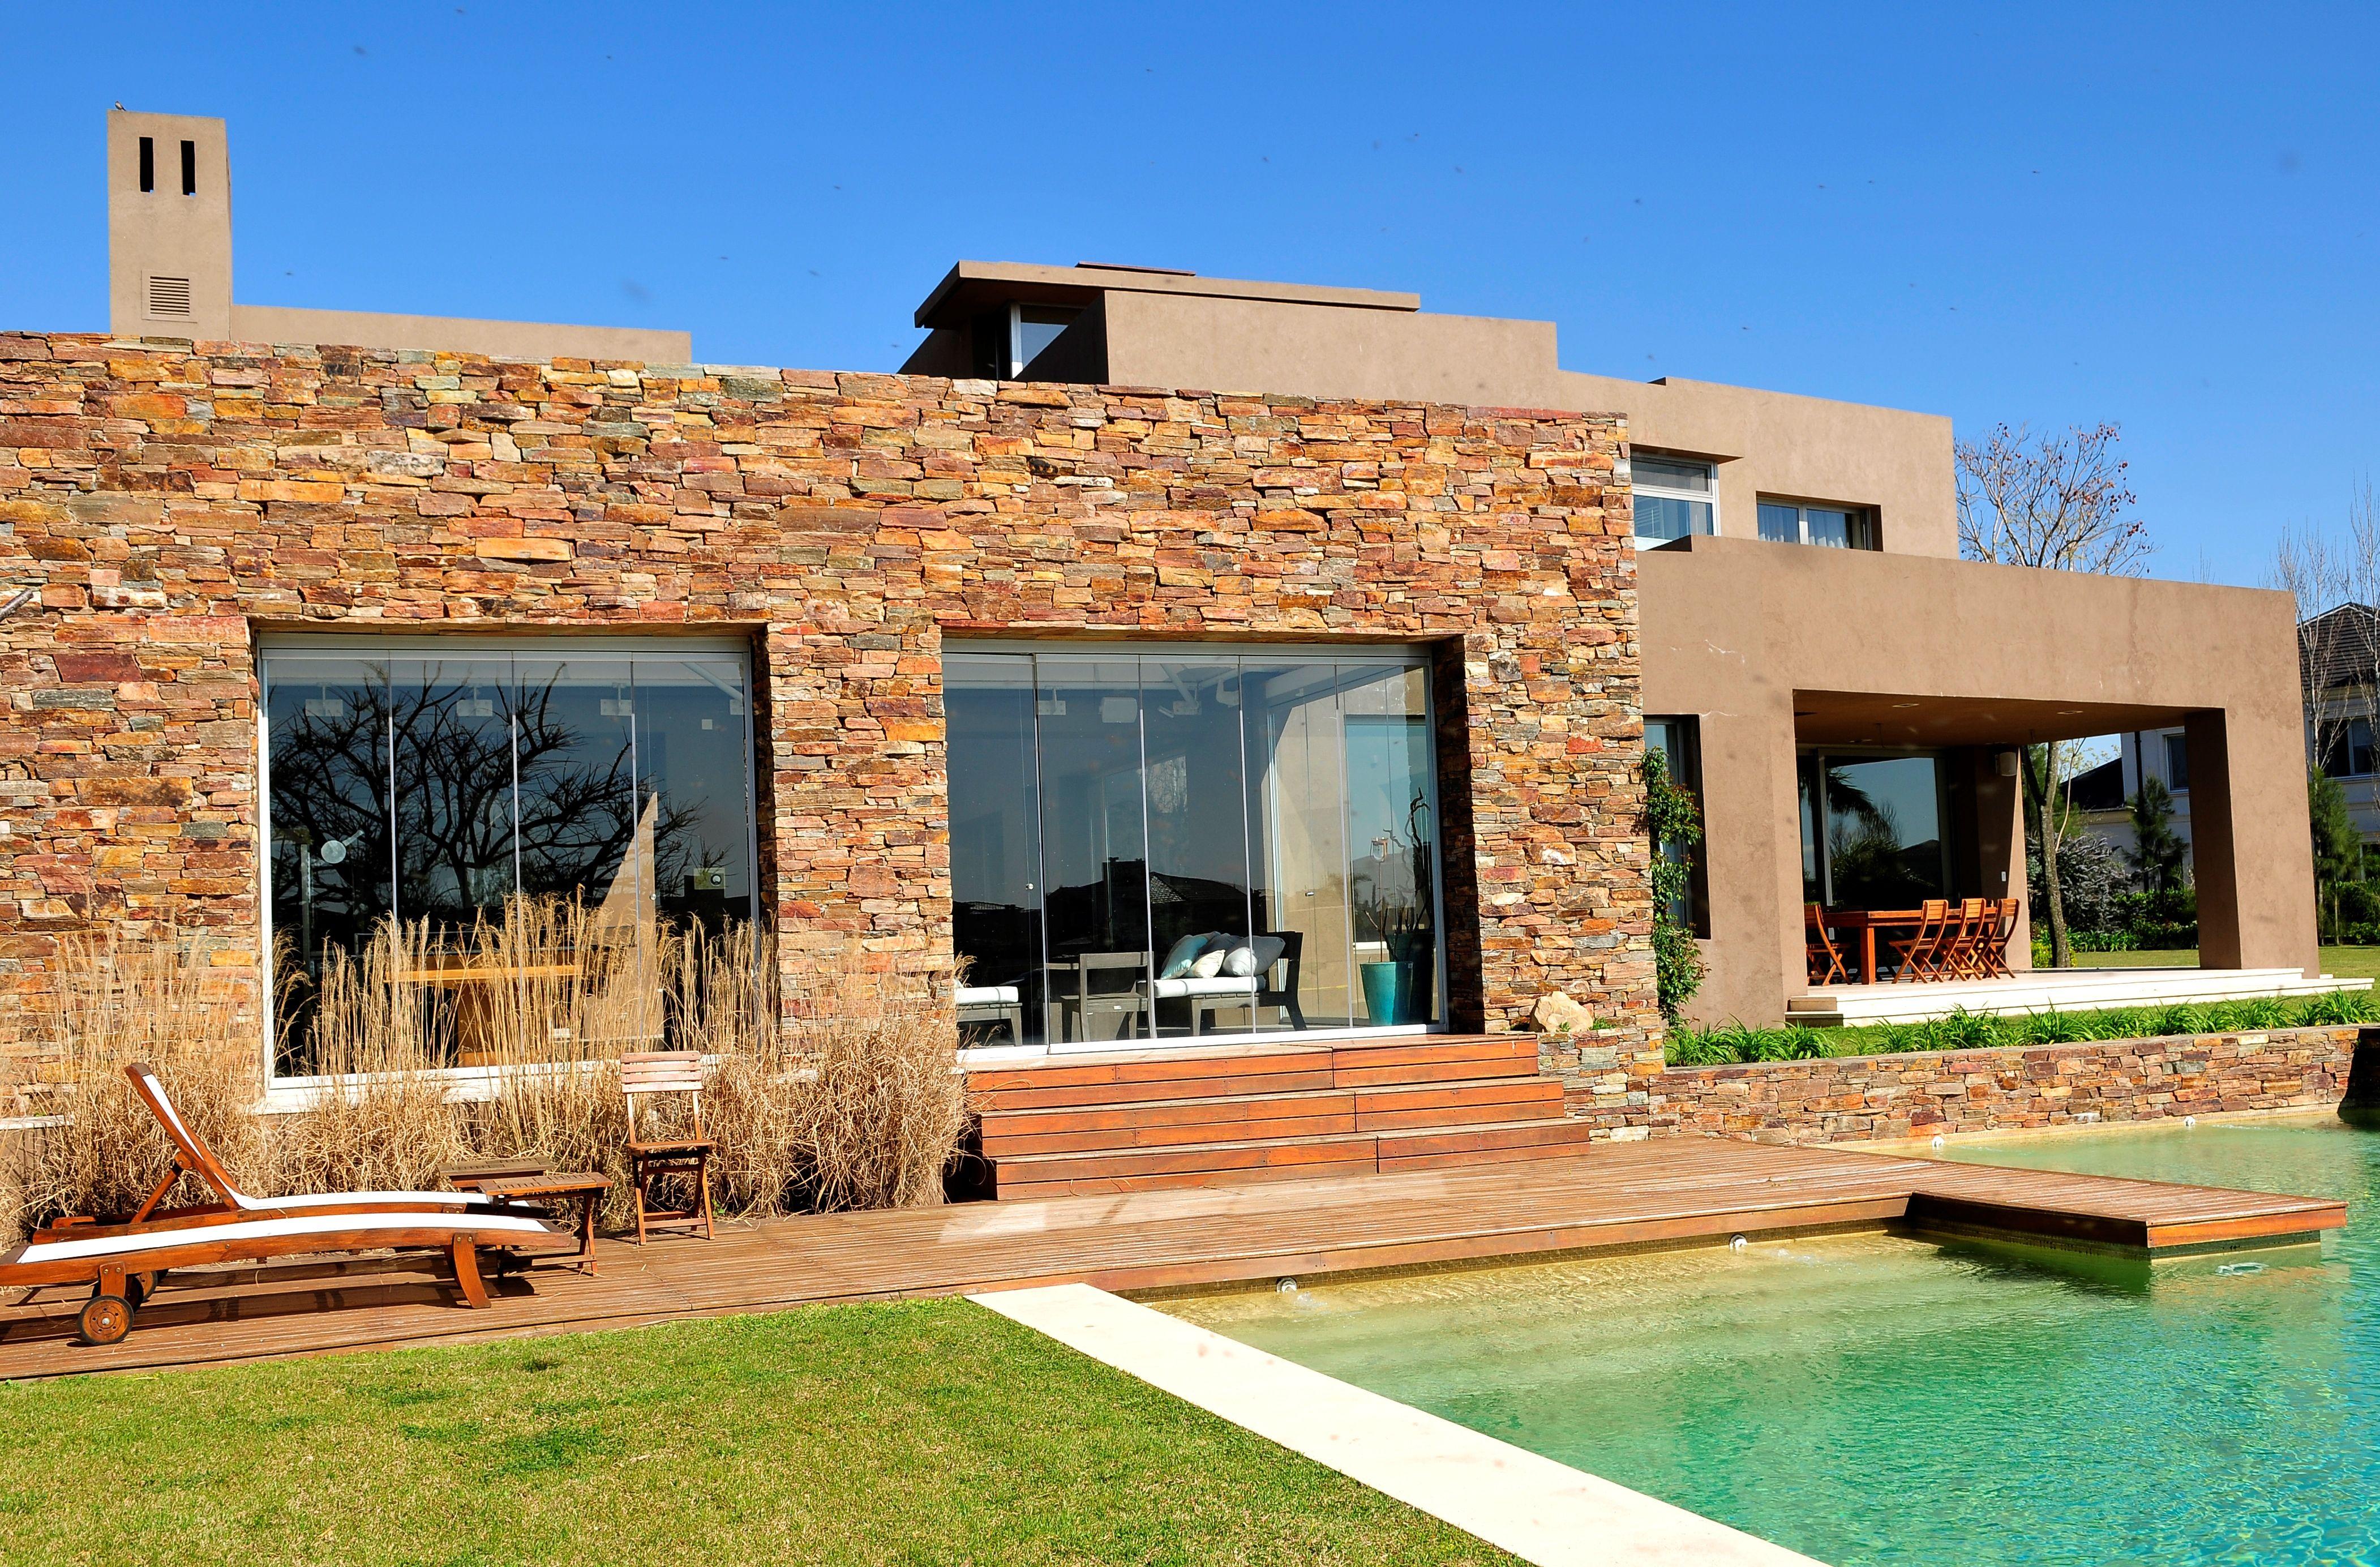 Arquitectura - Paisajismo - Ricardo Pereyra Iraola - Buenos Aires - Argentina - Nordelta - Casa